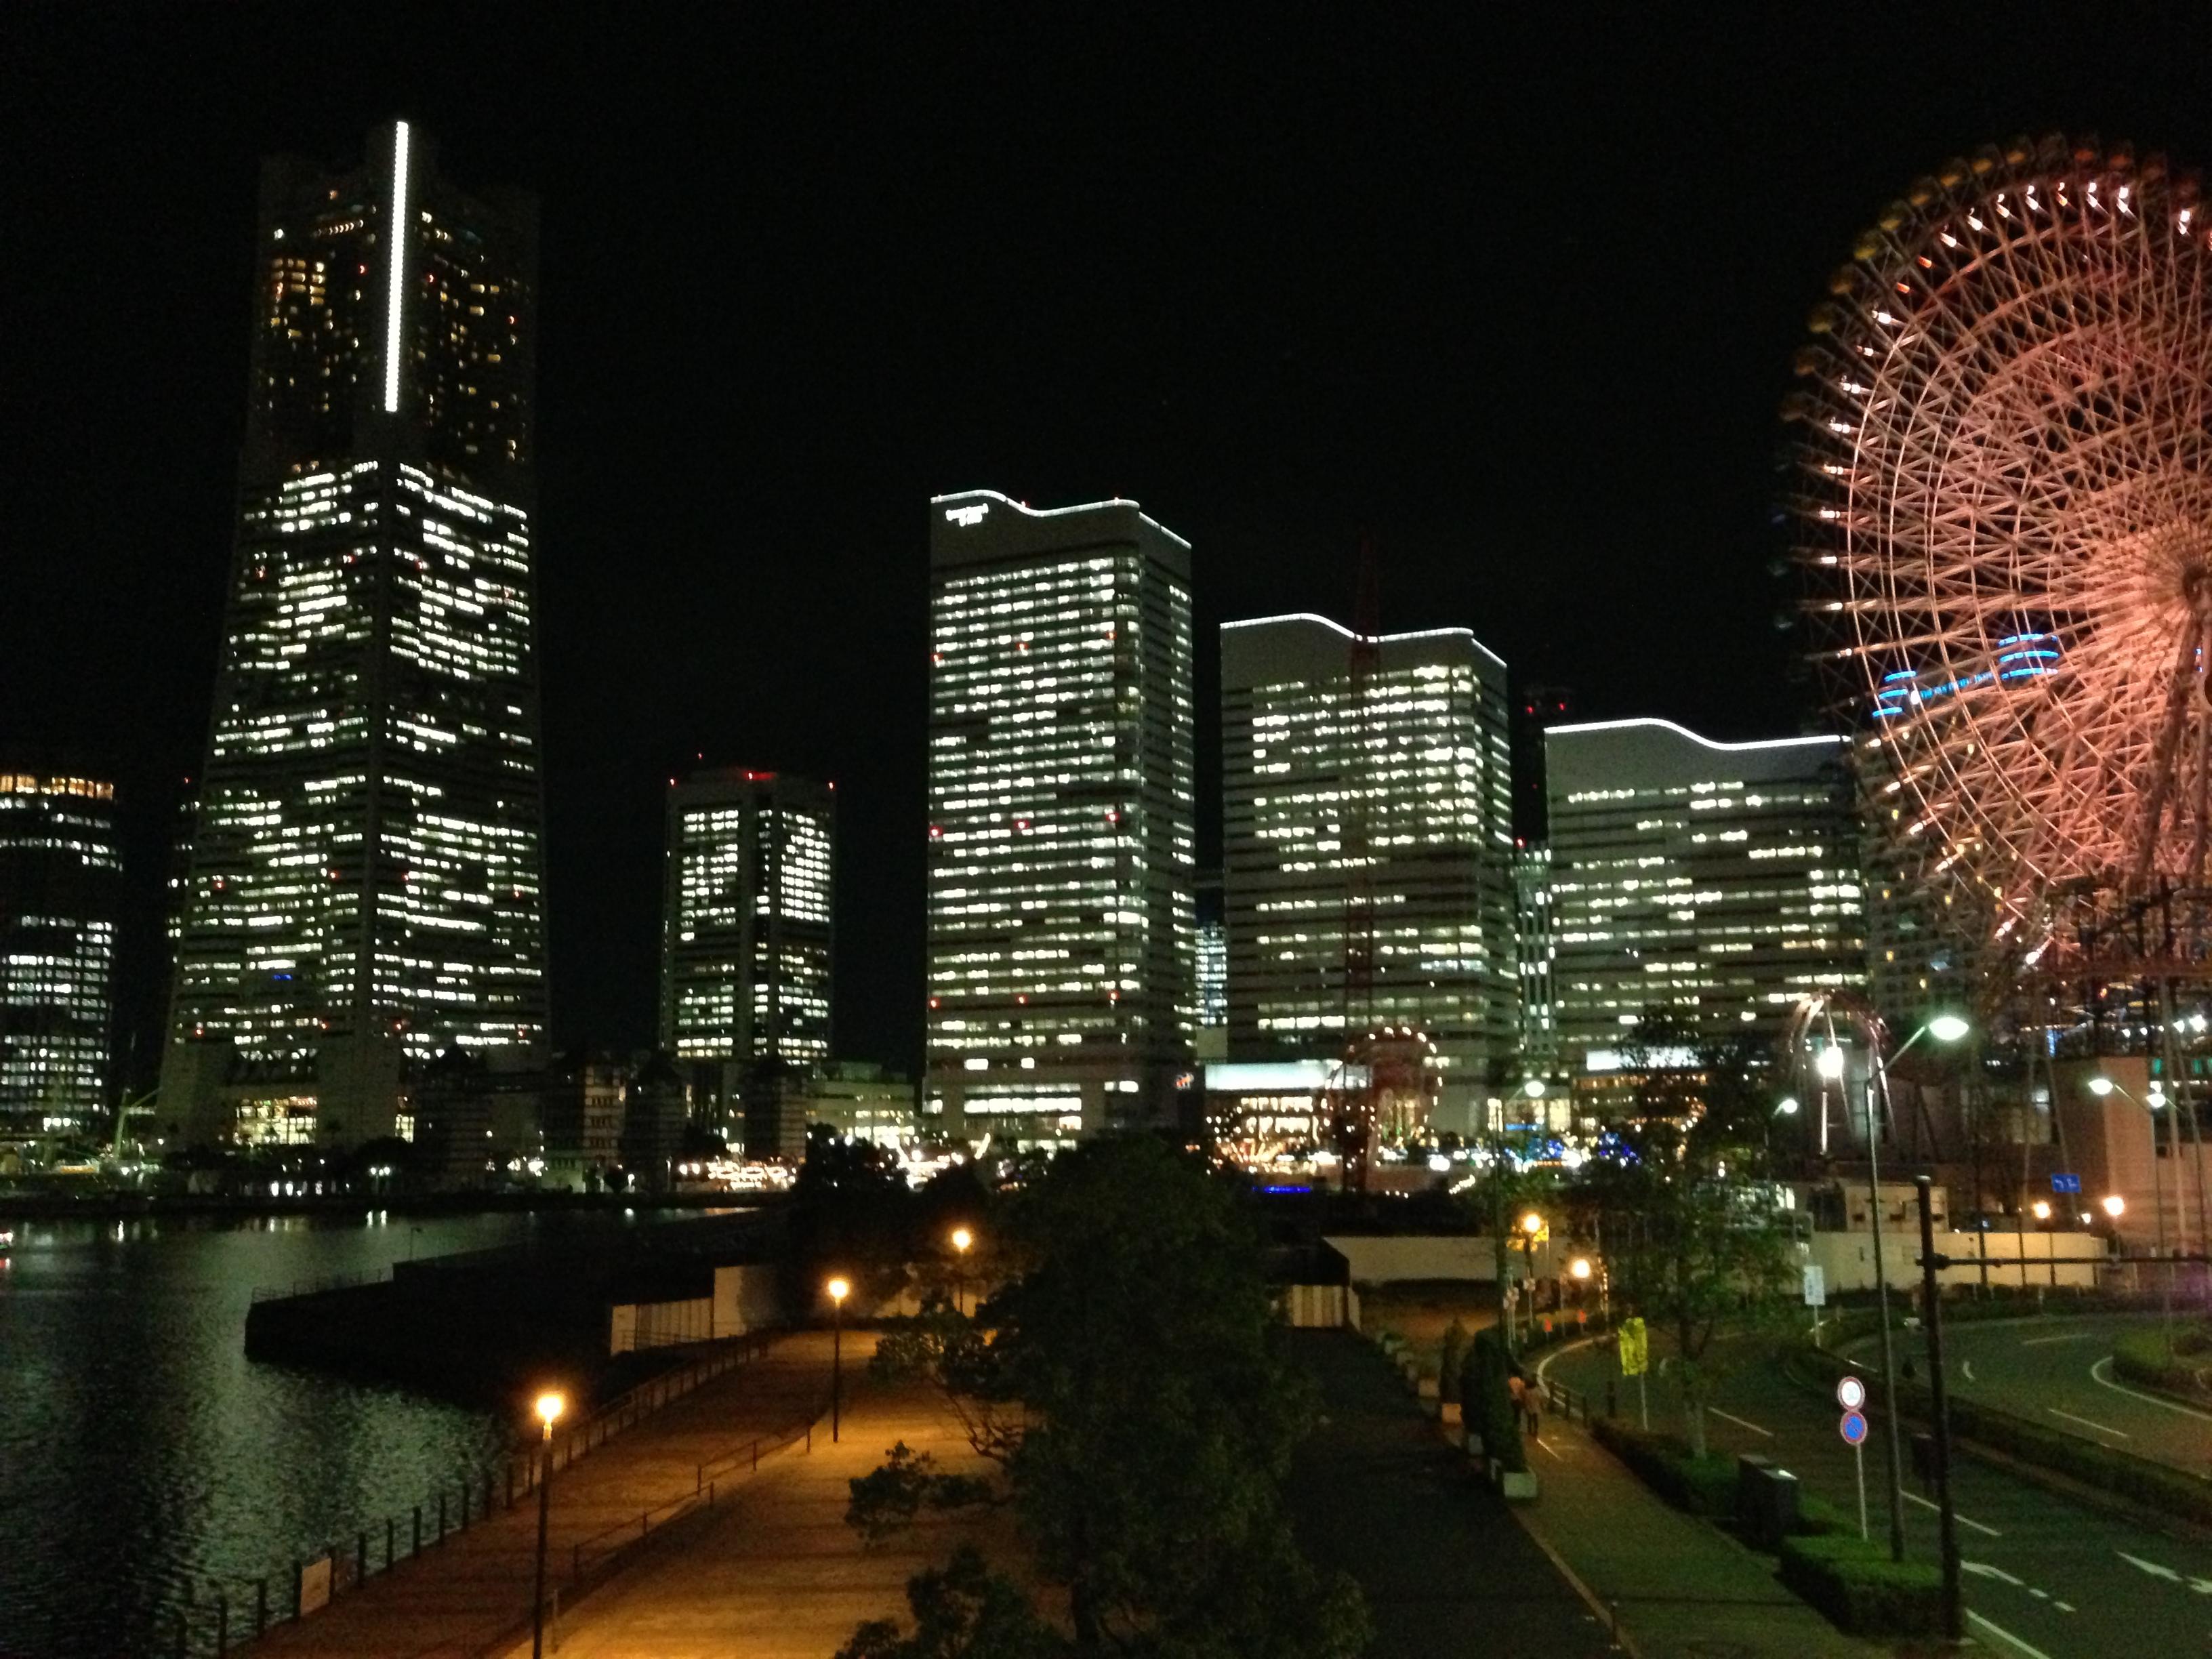 IMG 0267 Minato Mirai at Night